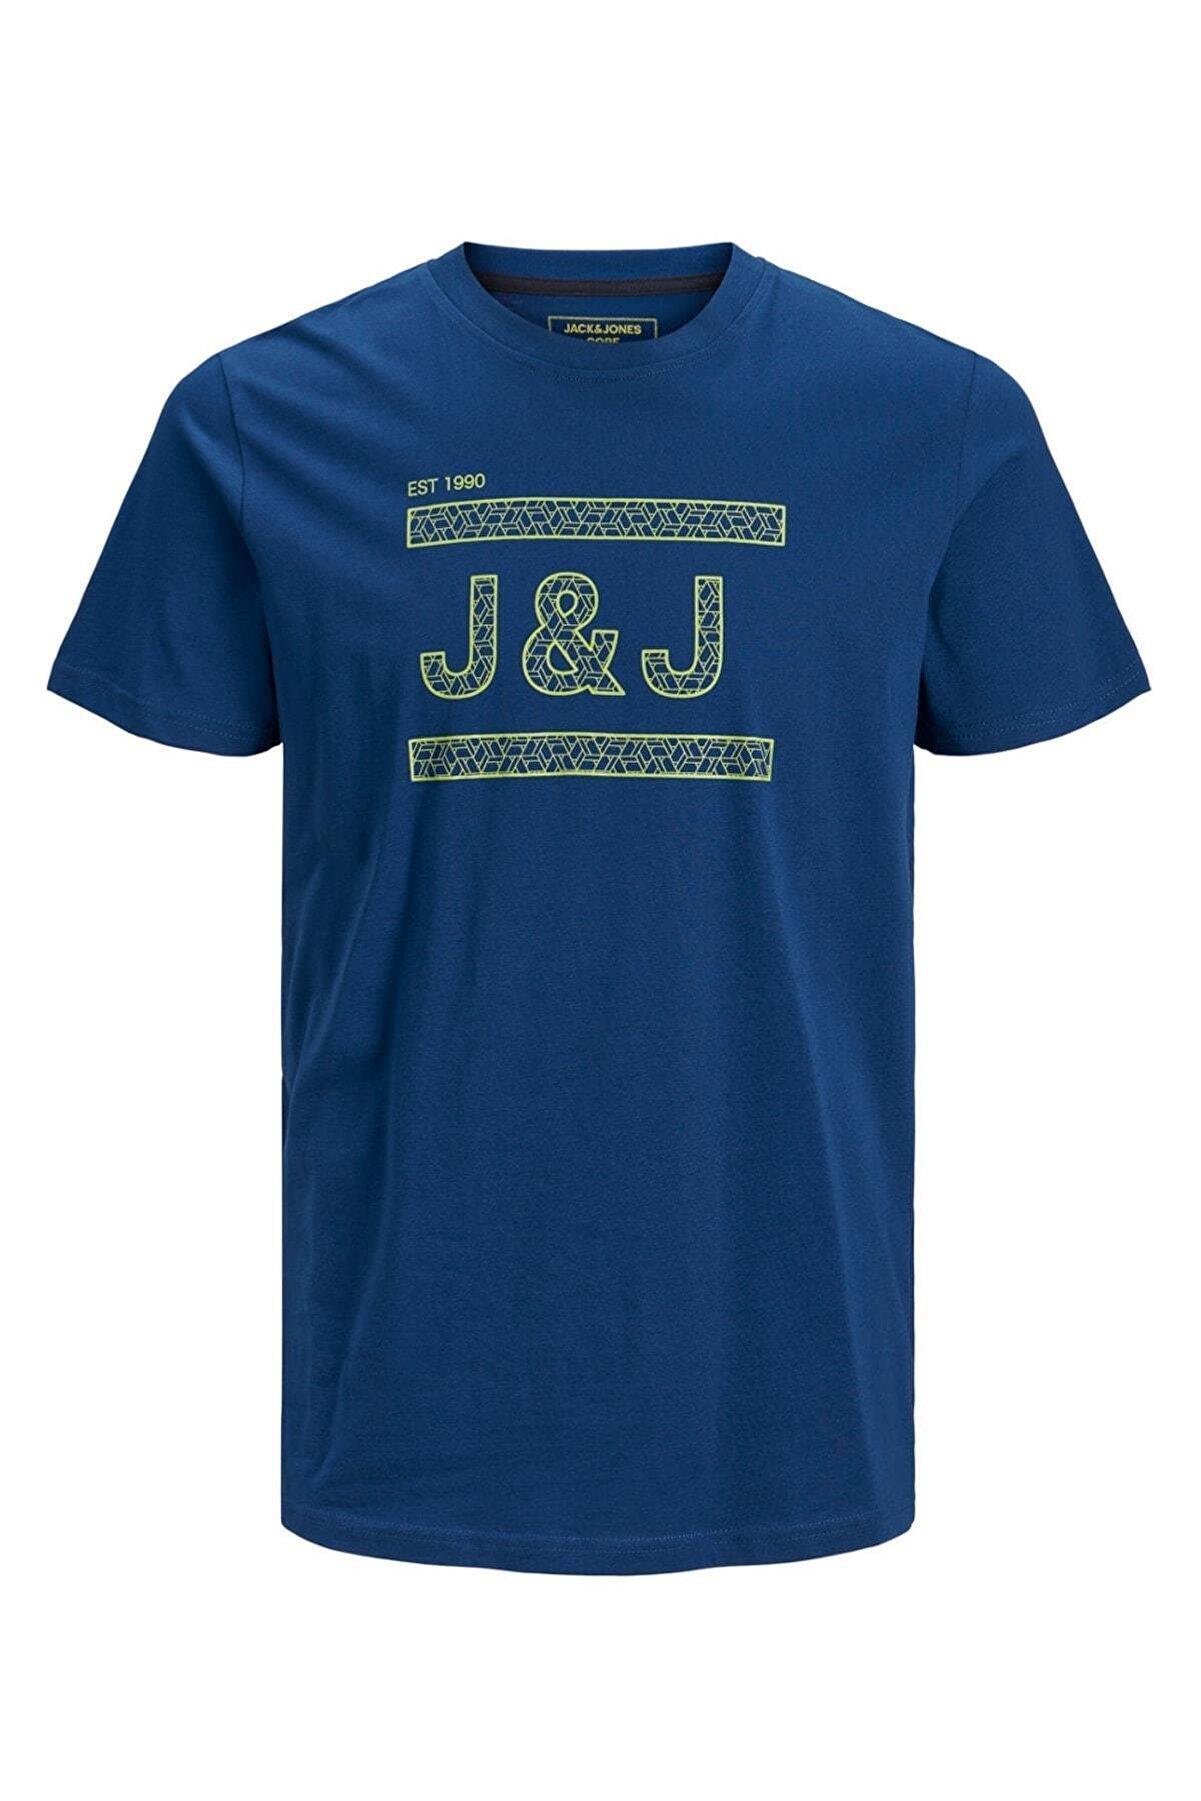 Jack & Jones Jack&jones Jcocomplete Erkek Tişört 12167303